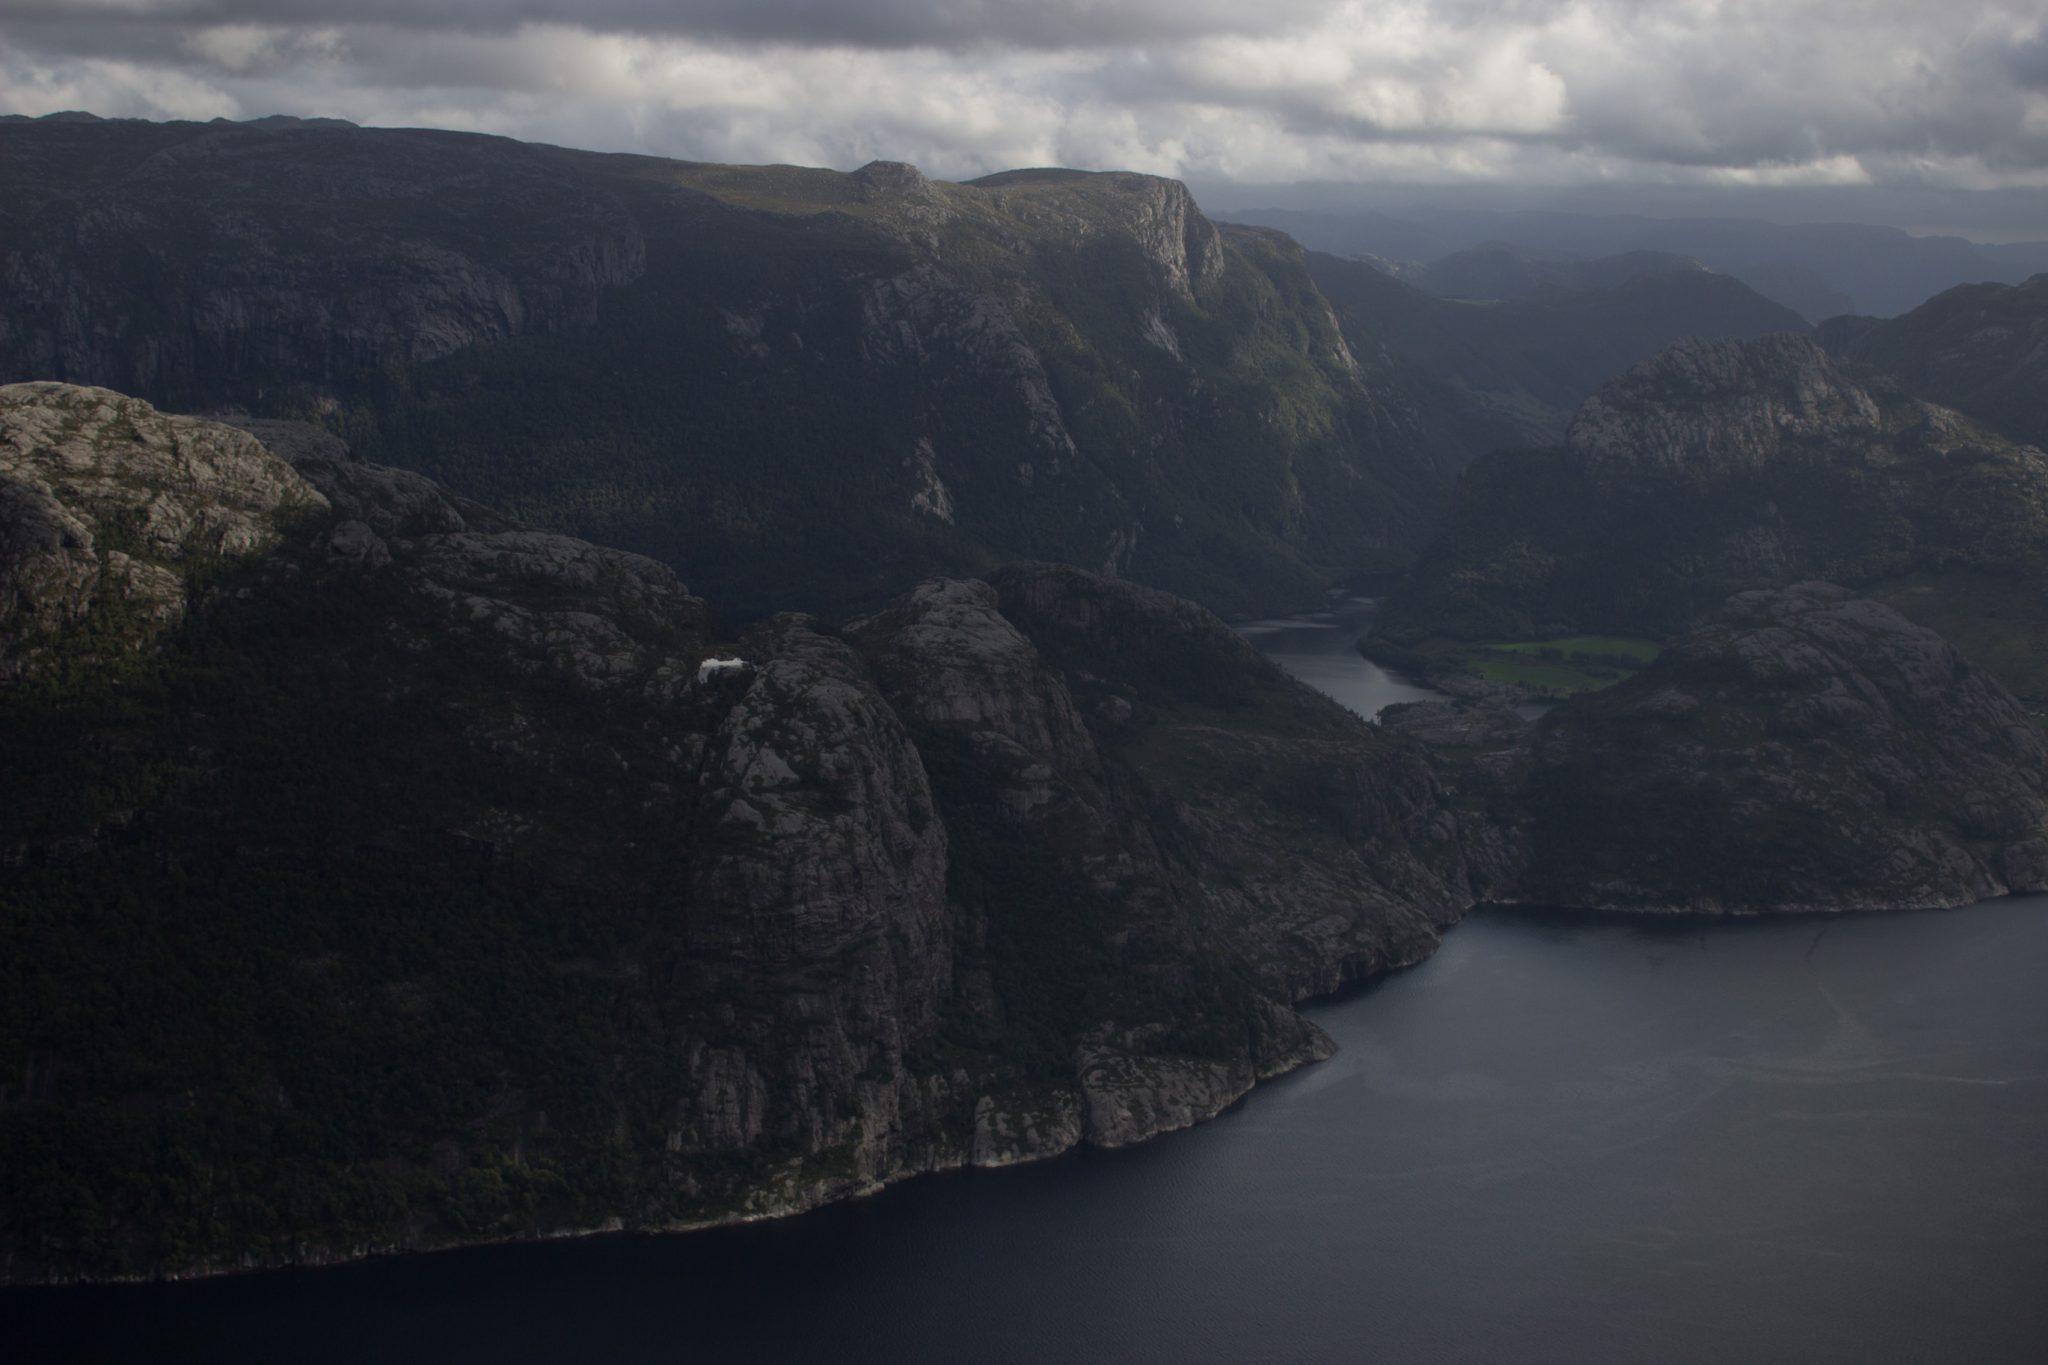 Wanderung zum Pulpit Rock Preikestolen, berühmtester Felsen in Norwegen, Blick auf Lysefjord, traumhafte Landschaft, kleine Seen und Berge